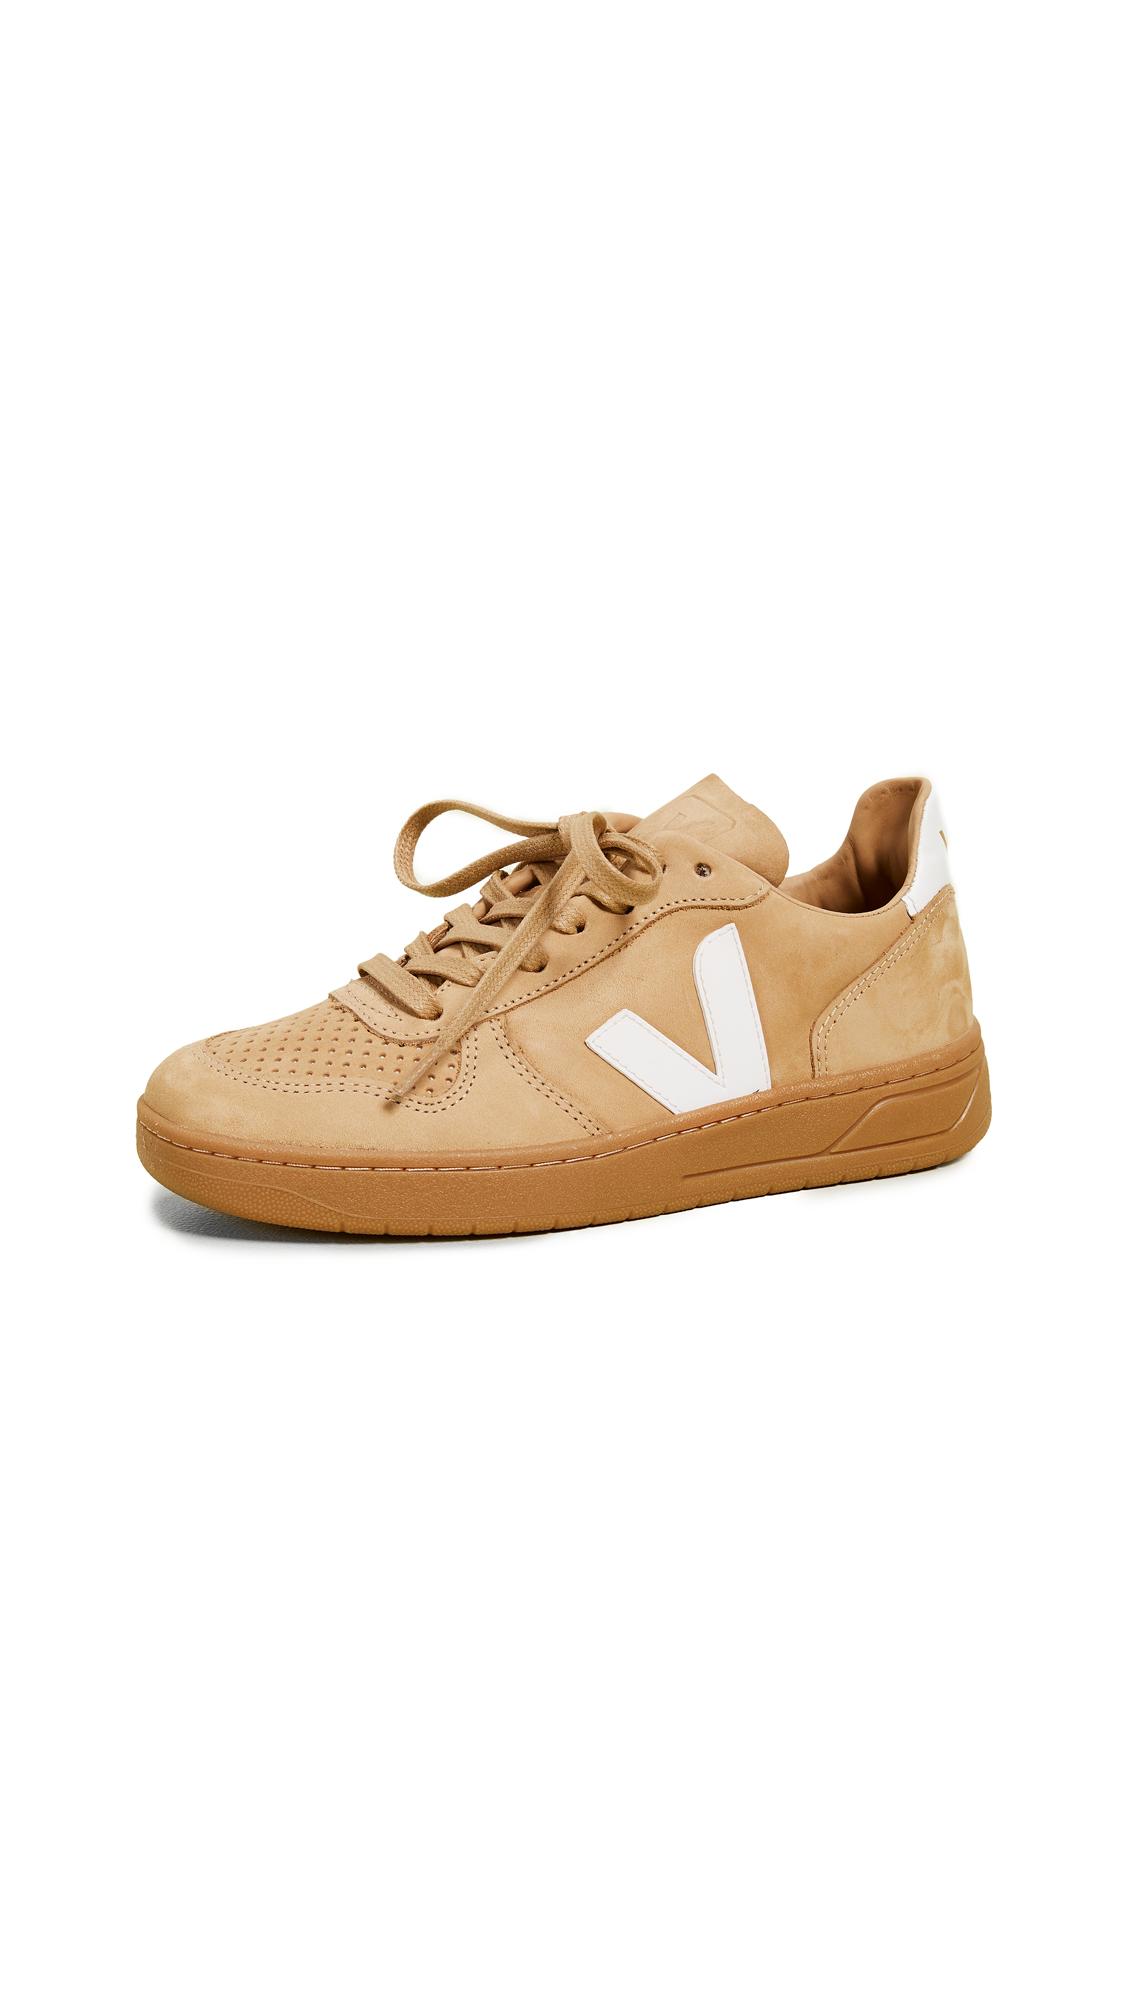 Veja Bastille Leather Sneakers - Desert White